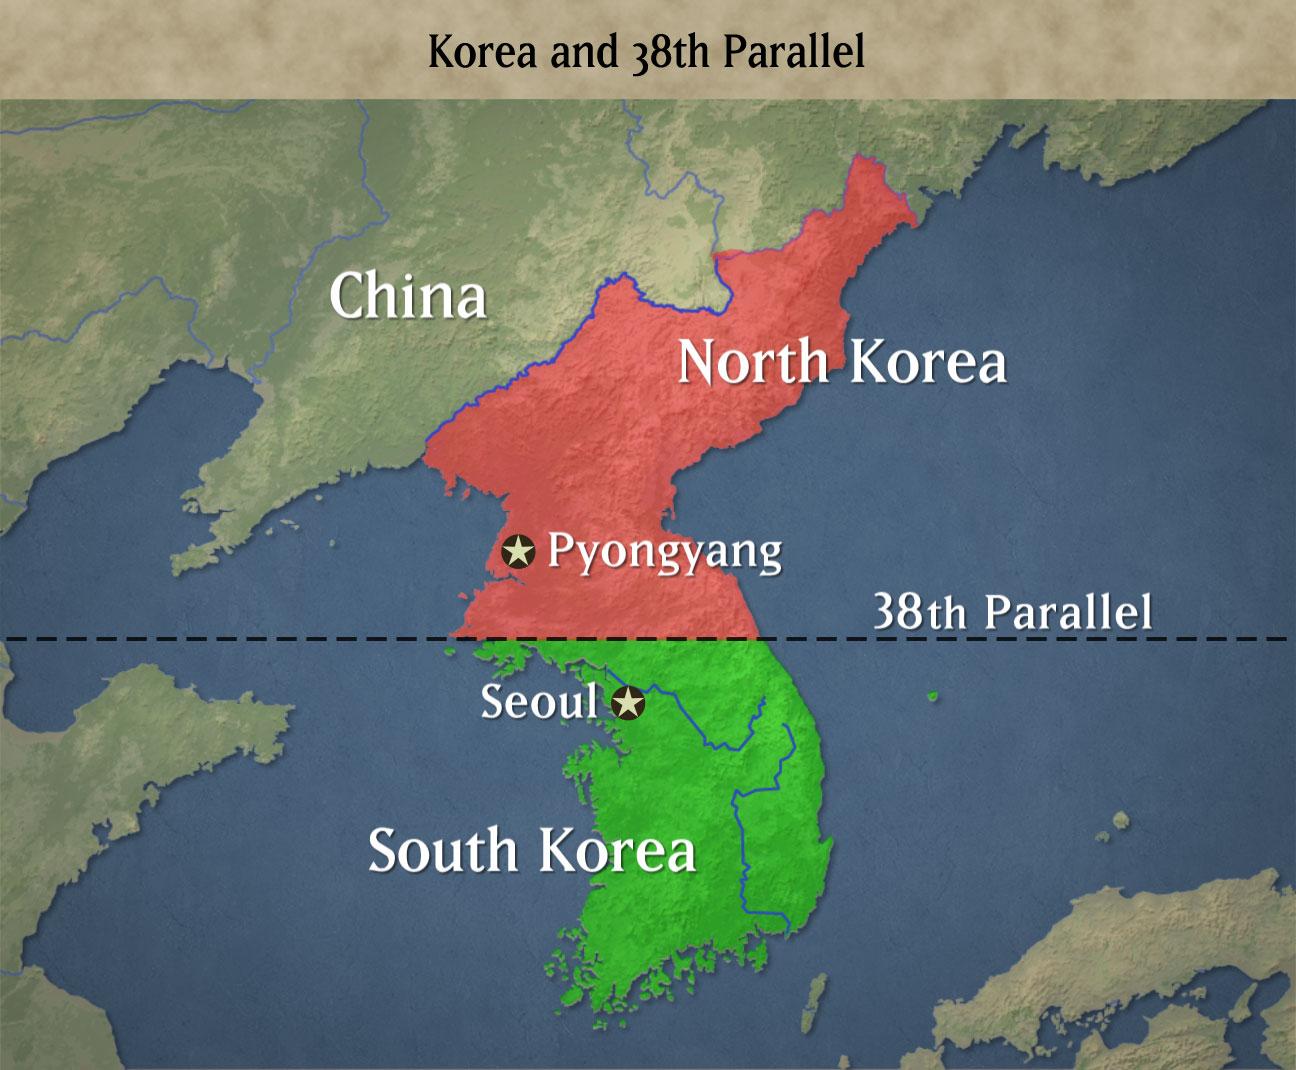 Korea megosztása a NatGeo térképe alapján. (Forrás: Kevin Meyer blog)